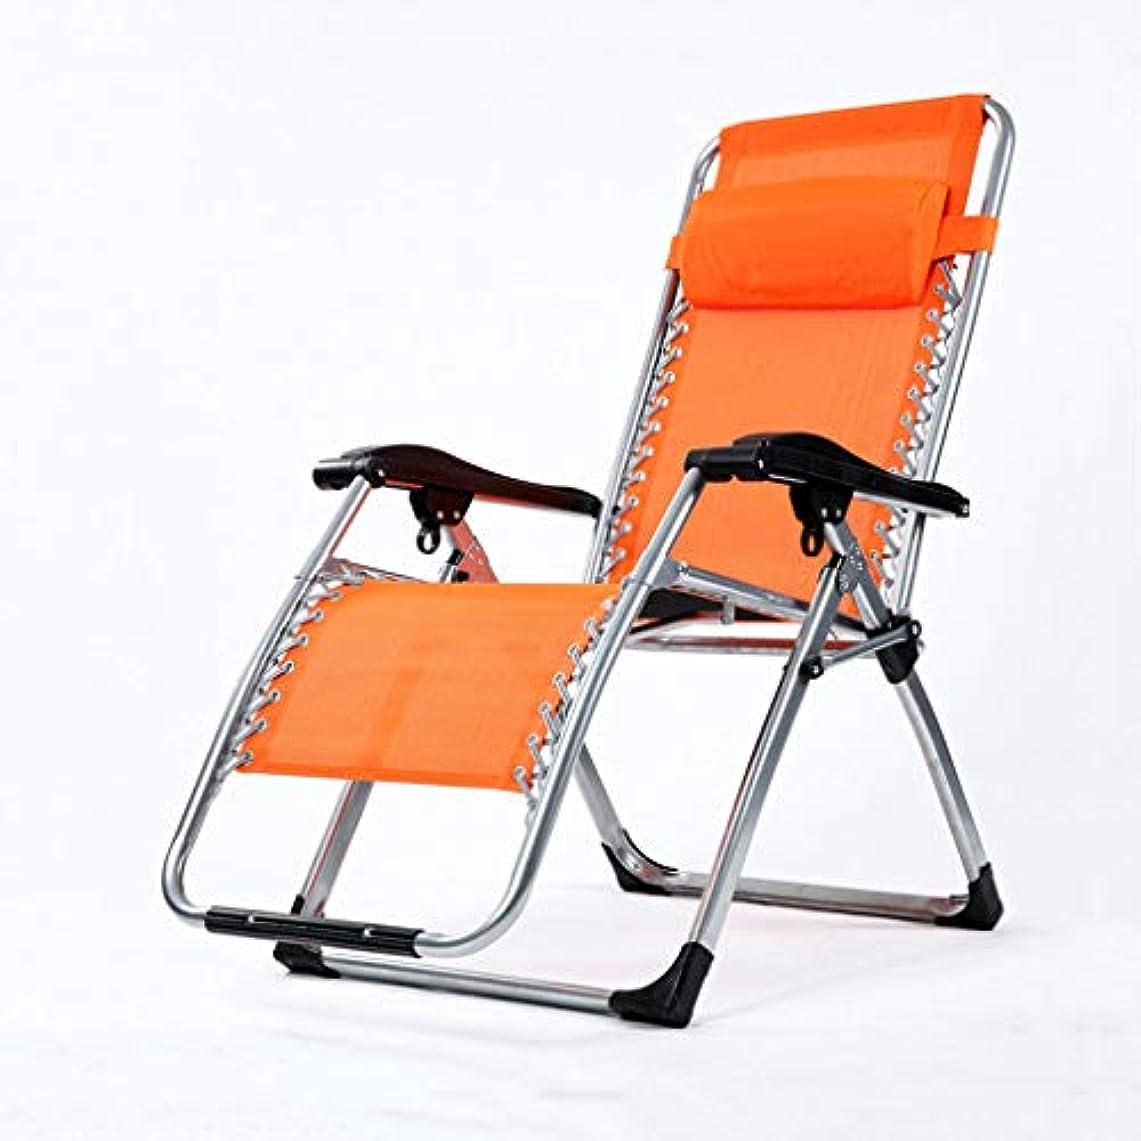 振り向くお風呂を持っている登山家ZUOANCHEN 椅子ゼロ重力リラクシング高齢者用椅子枕付き屋外ガーデンパティオチェア怠惰なベッドハッピーポータブルクールなパッドラウンジチェア